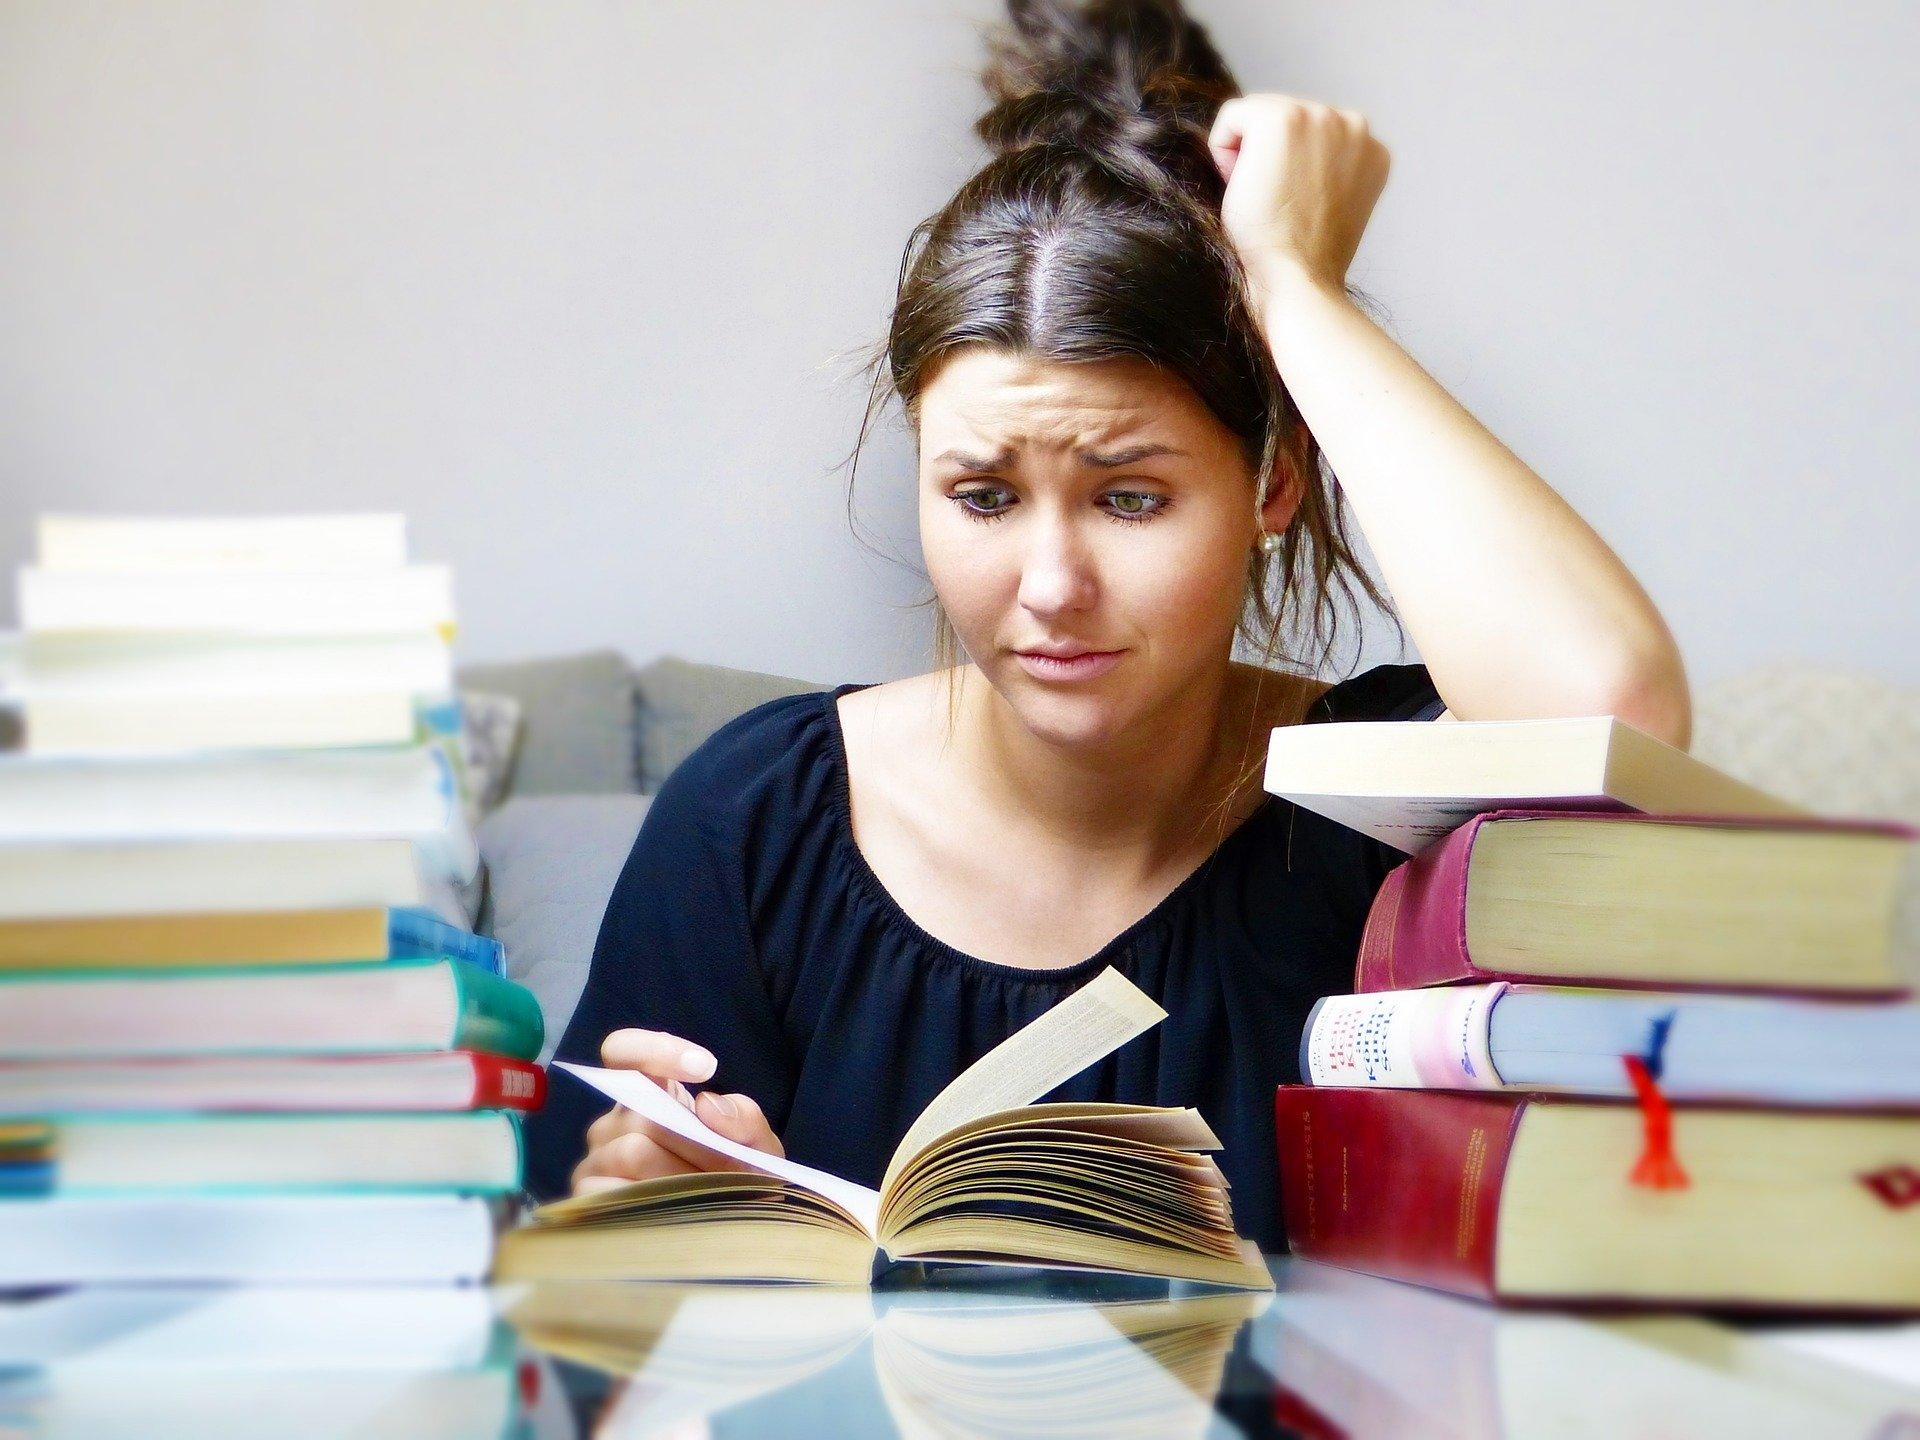 Necesitas concentrarte cuando estudias